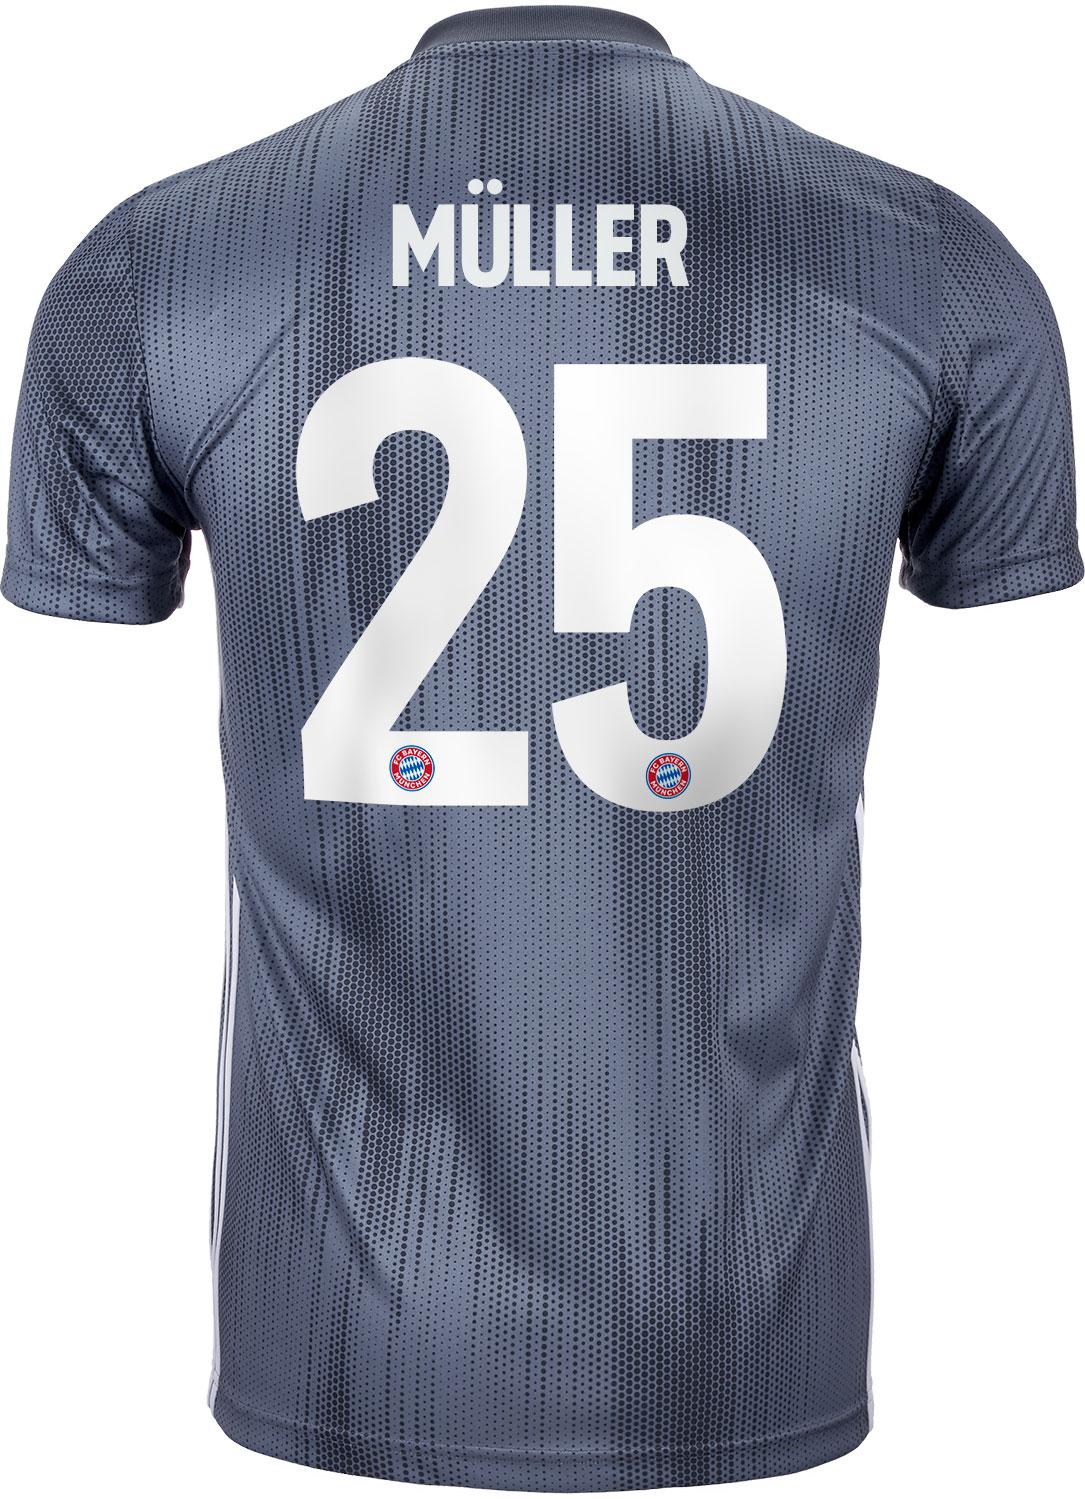 the best attitude 04f52 182e9 2018/19 adidas Thomas Muller Bayern Munich 3rd Jersey ...